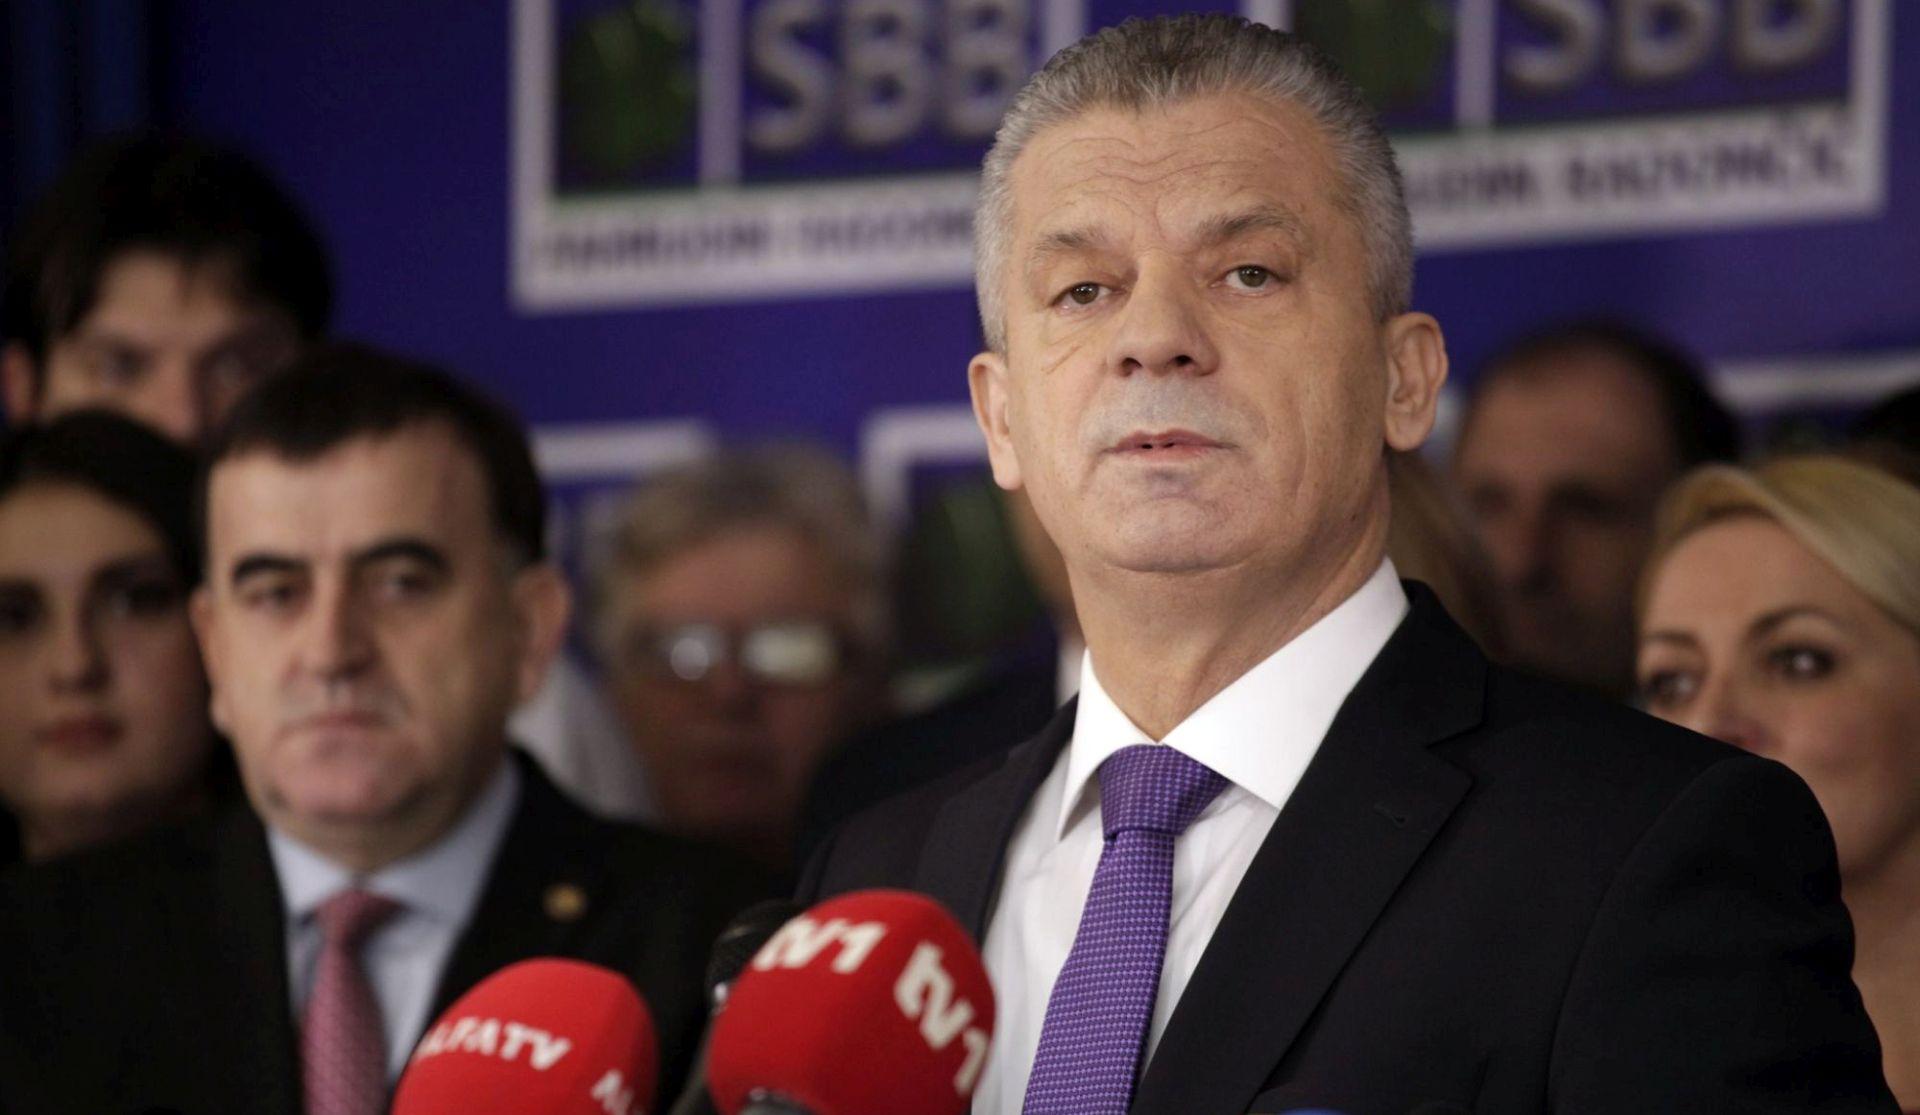 Radončić uoči uhićenja pripremao obračun s Izetbegovićem?